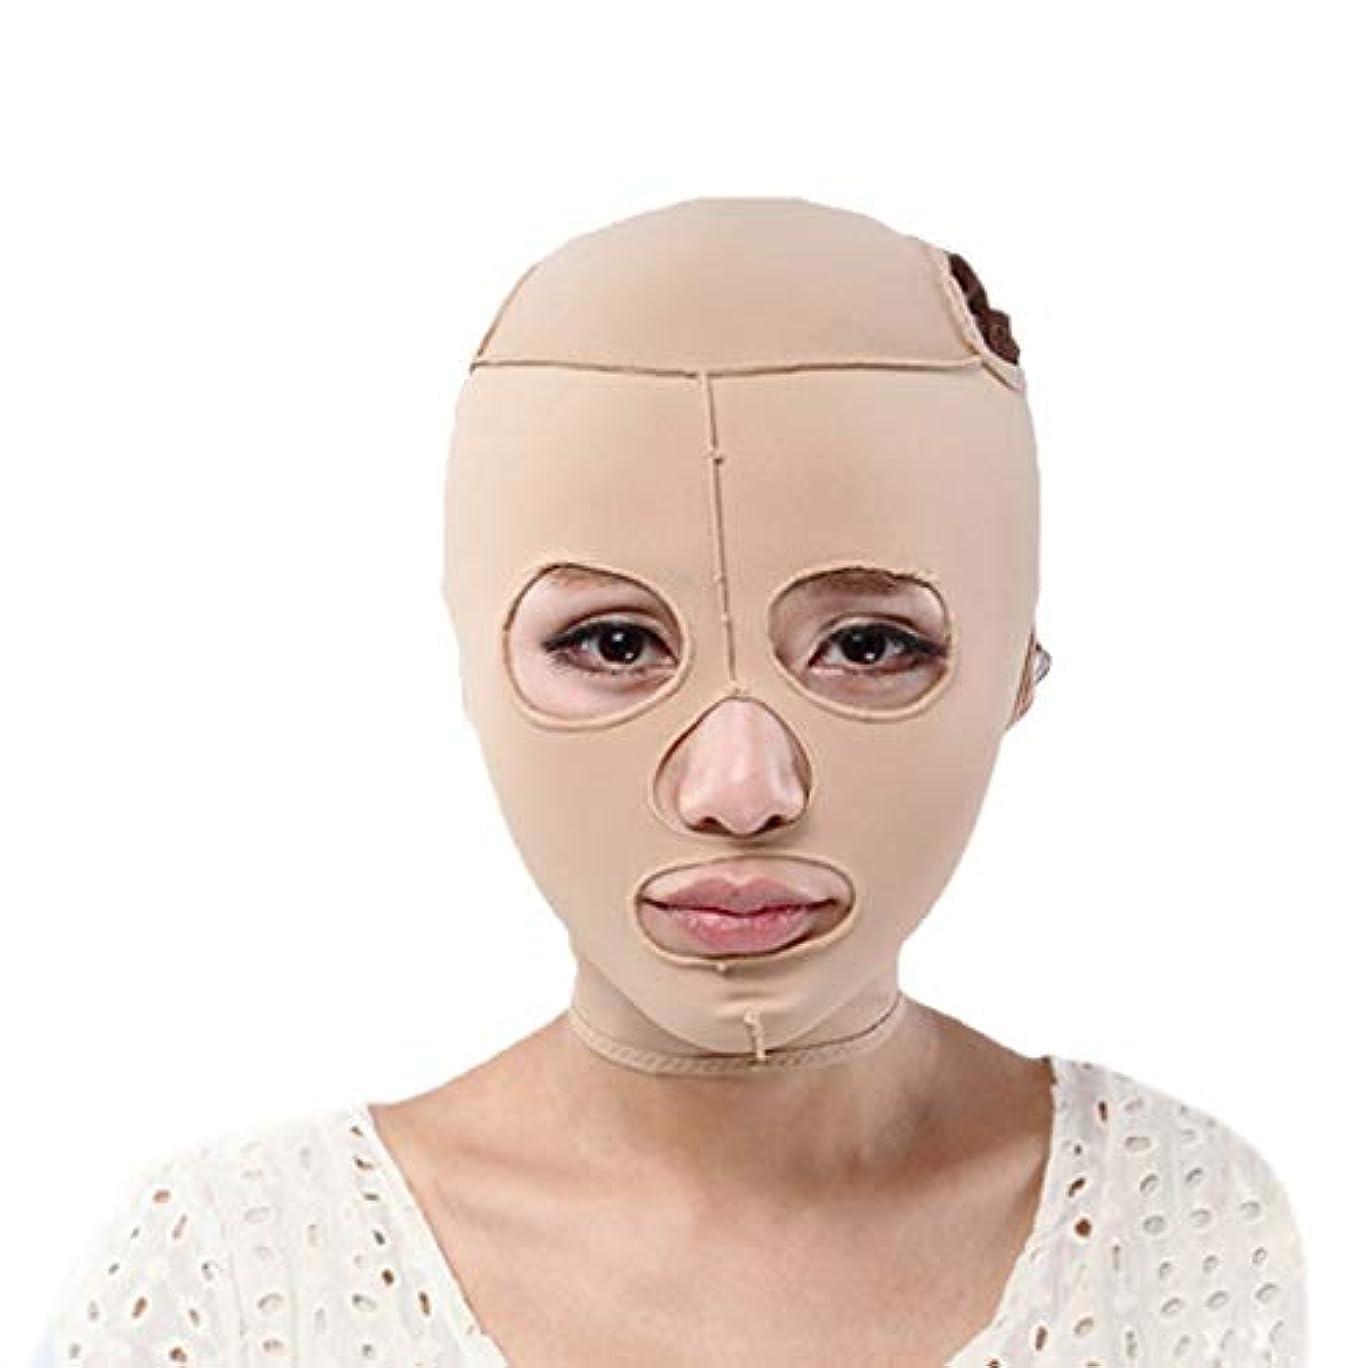 踏みつけ保護する論争の的XHLMRMJ あごのストラップ、顔の減量のしわ防止マスク、快適な通気性マスクを備えたオールインクルーシブの顔、薄いフェイスマスクのリフティング包帯引き締め (Size : S)